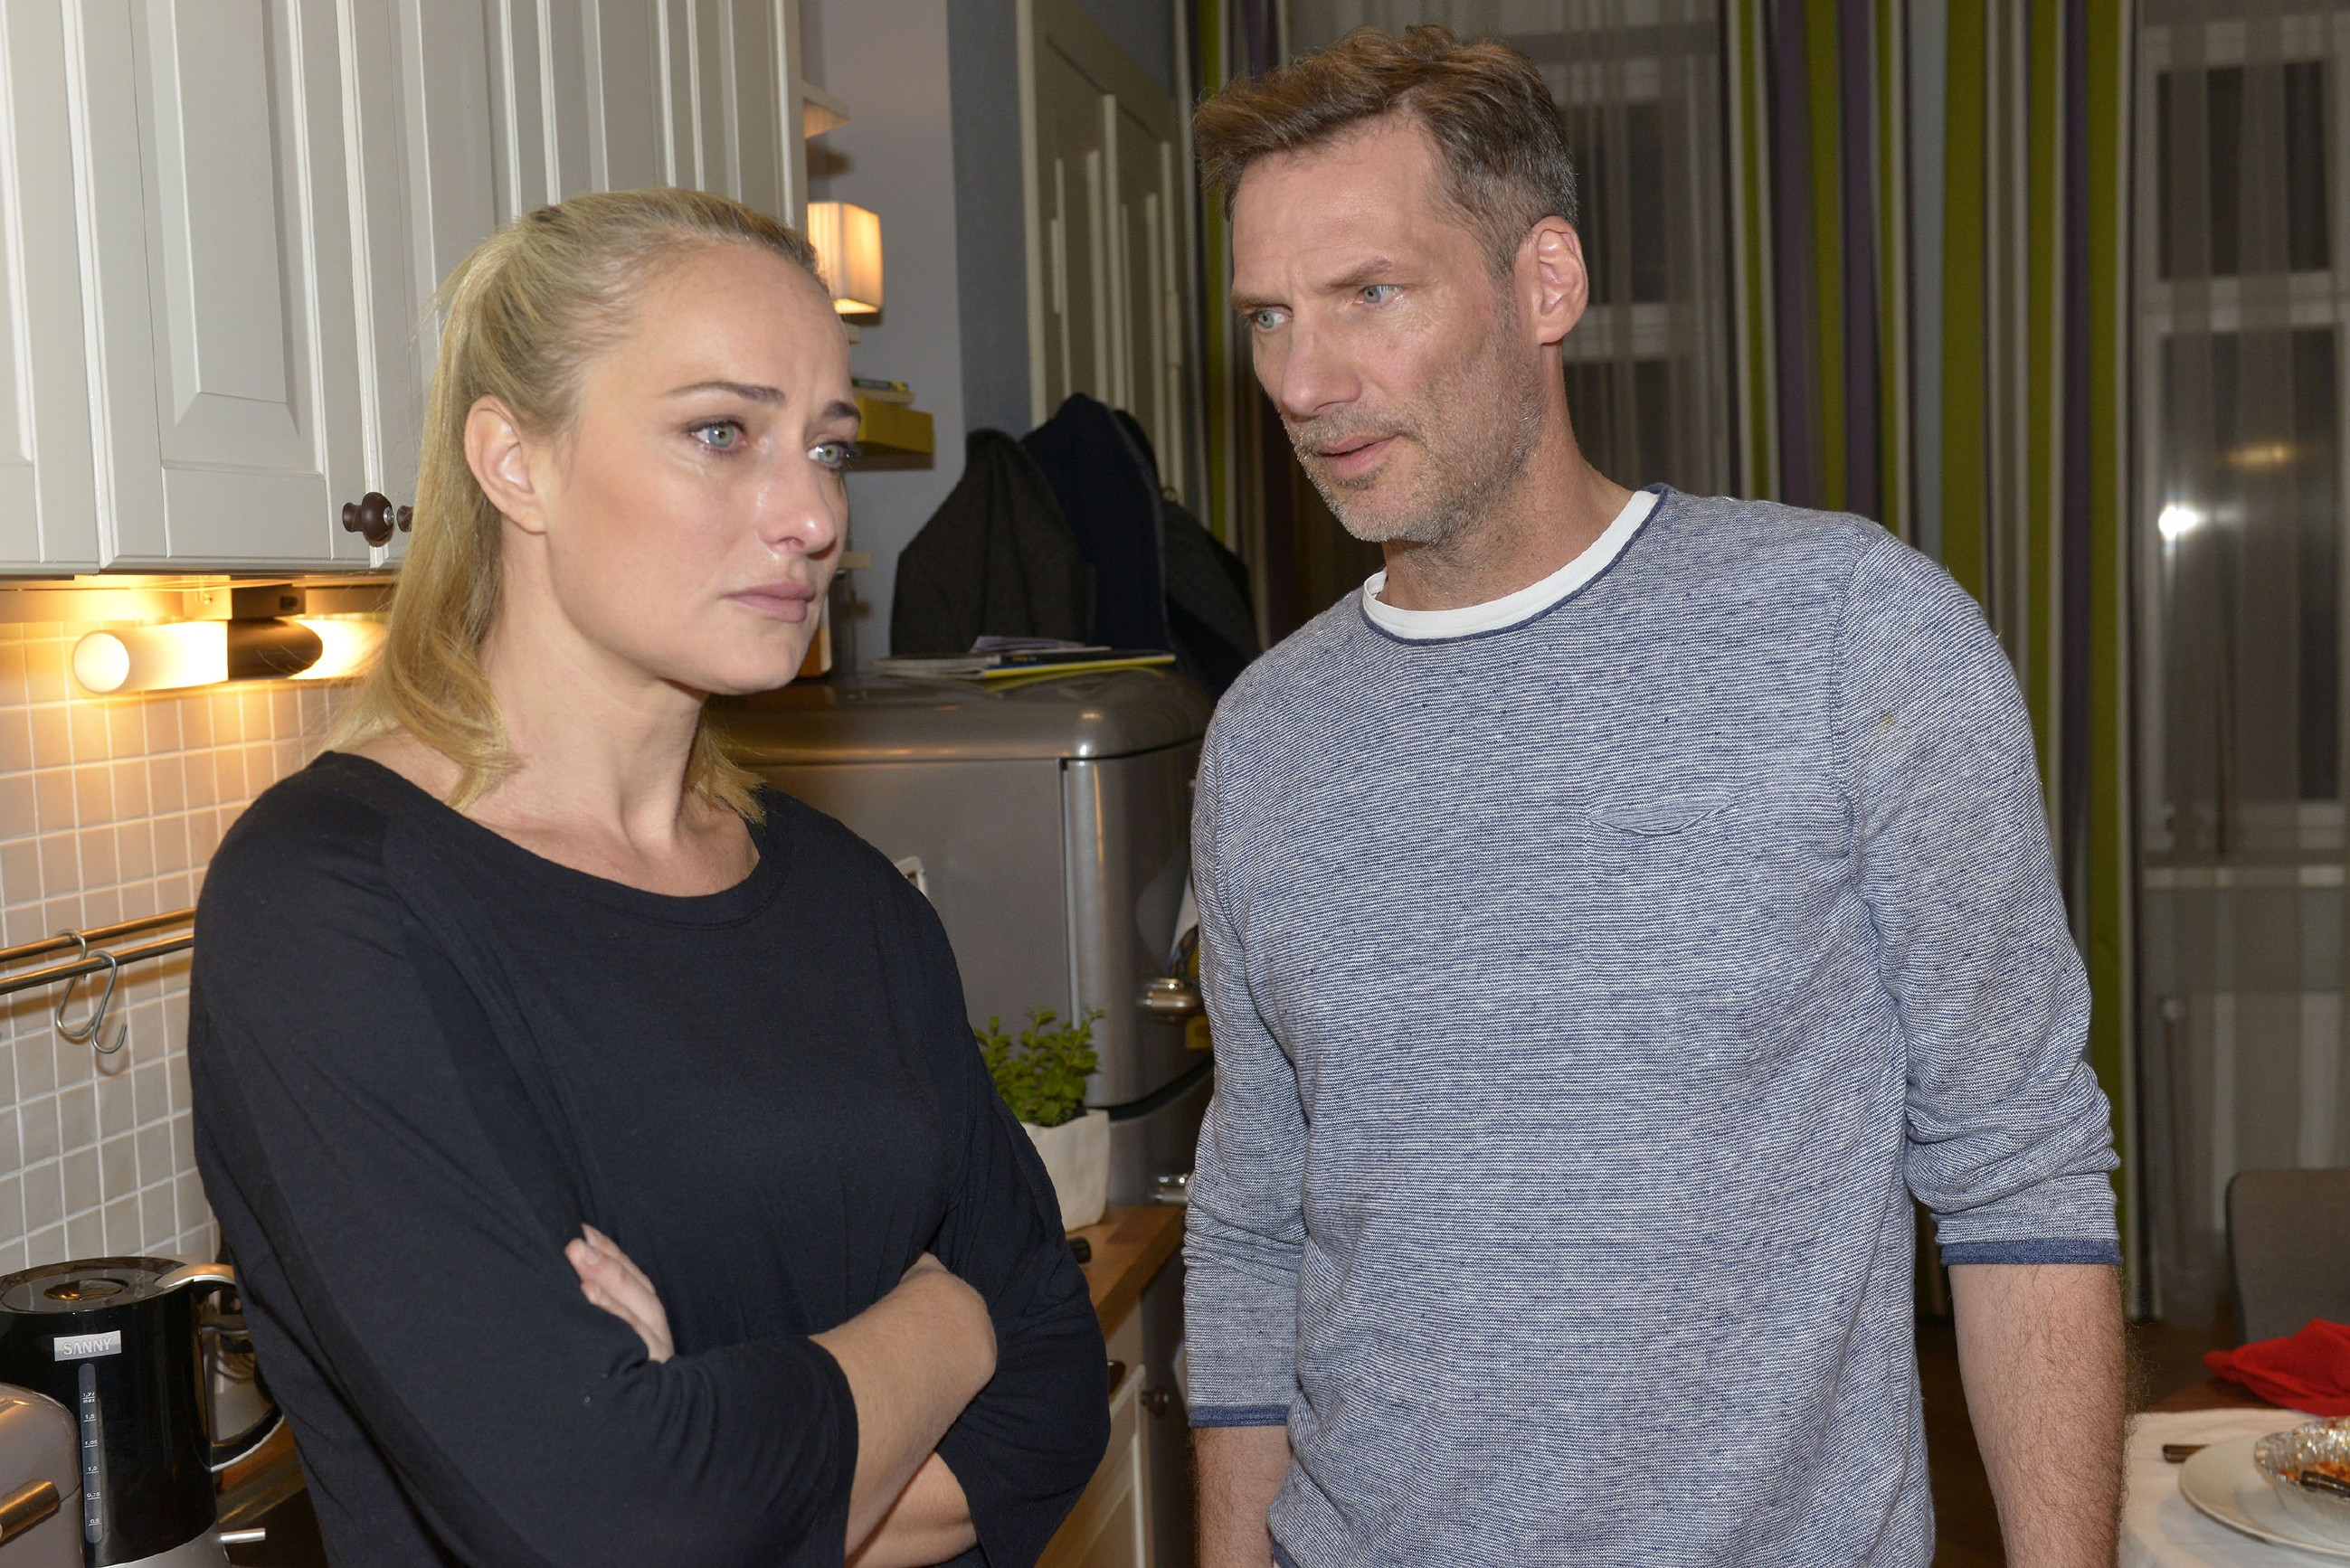 Tills Schicksal macht Maren (Eva Mona Rodekirchen) und Alexander (Clemens Löhr) schwer zu schaffen. (Quelle: RTL / Rolf Baumgartner)